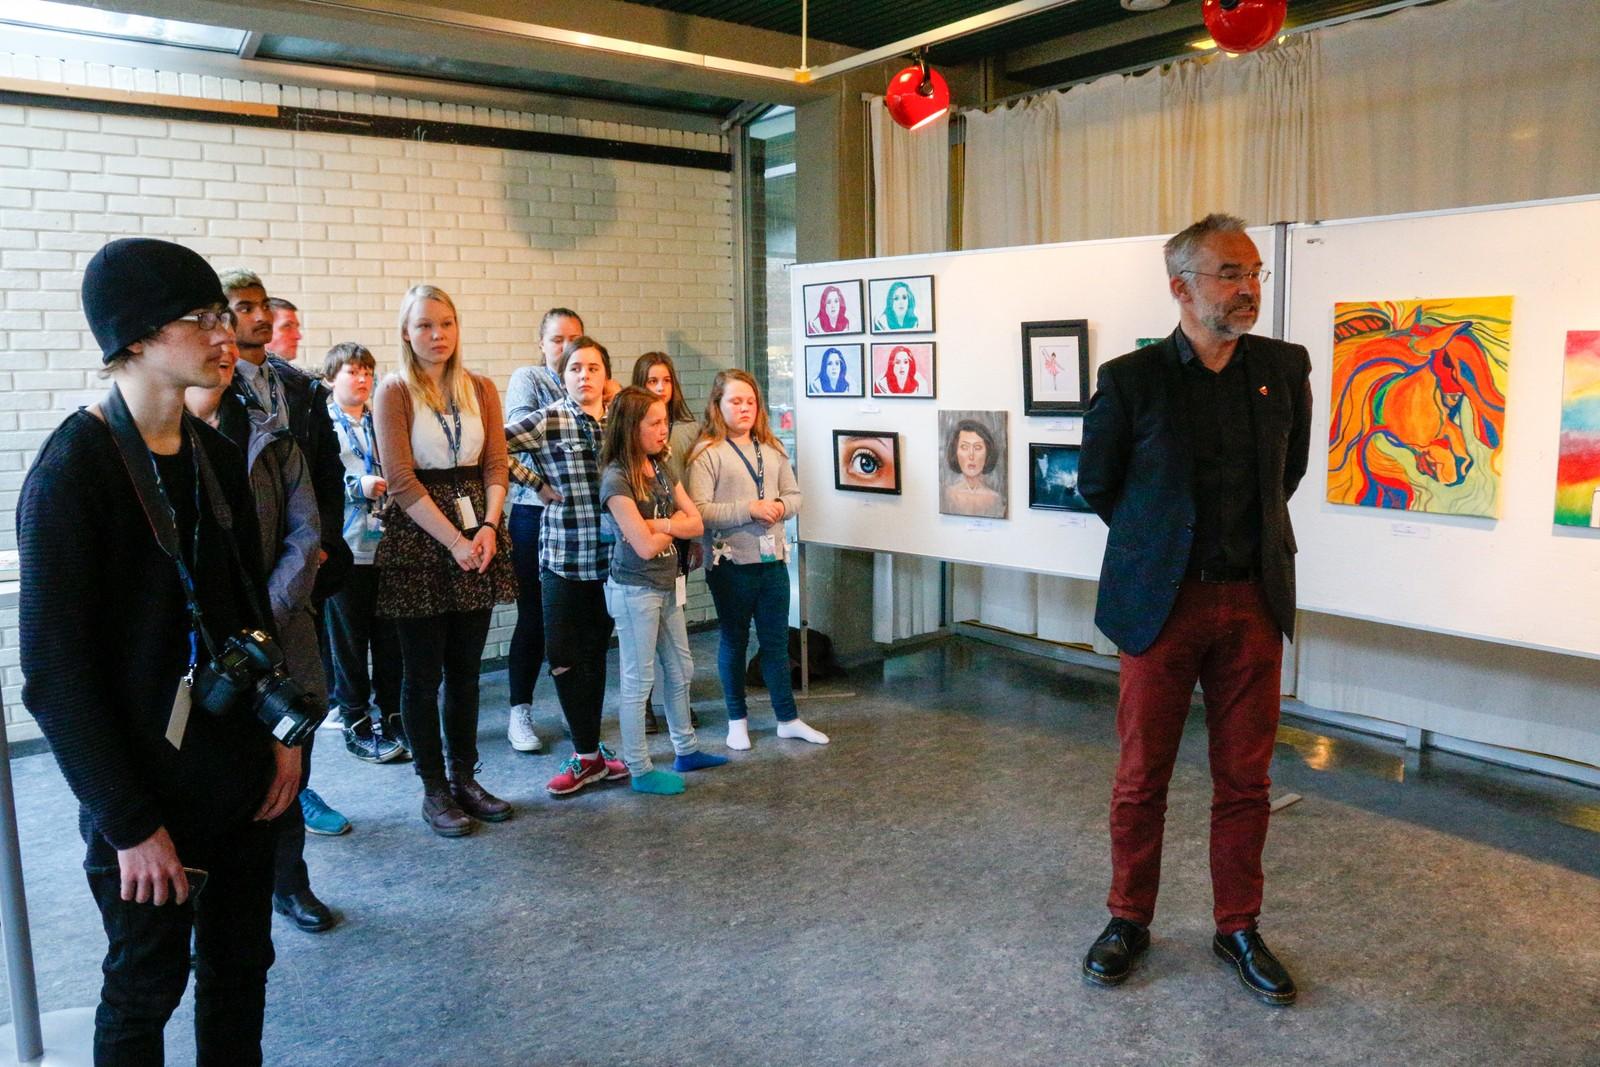 OPNING: Kommunalsjef i Førde Kommune, Trond Ueland opna kunstutstillinga på Førdehuset.